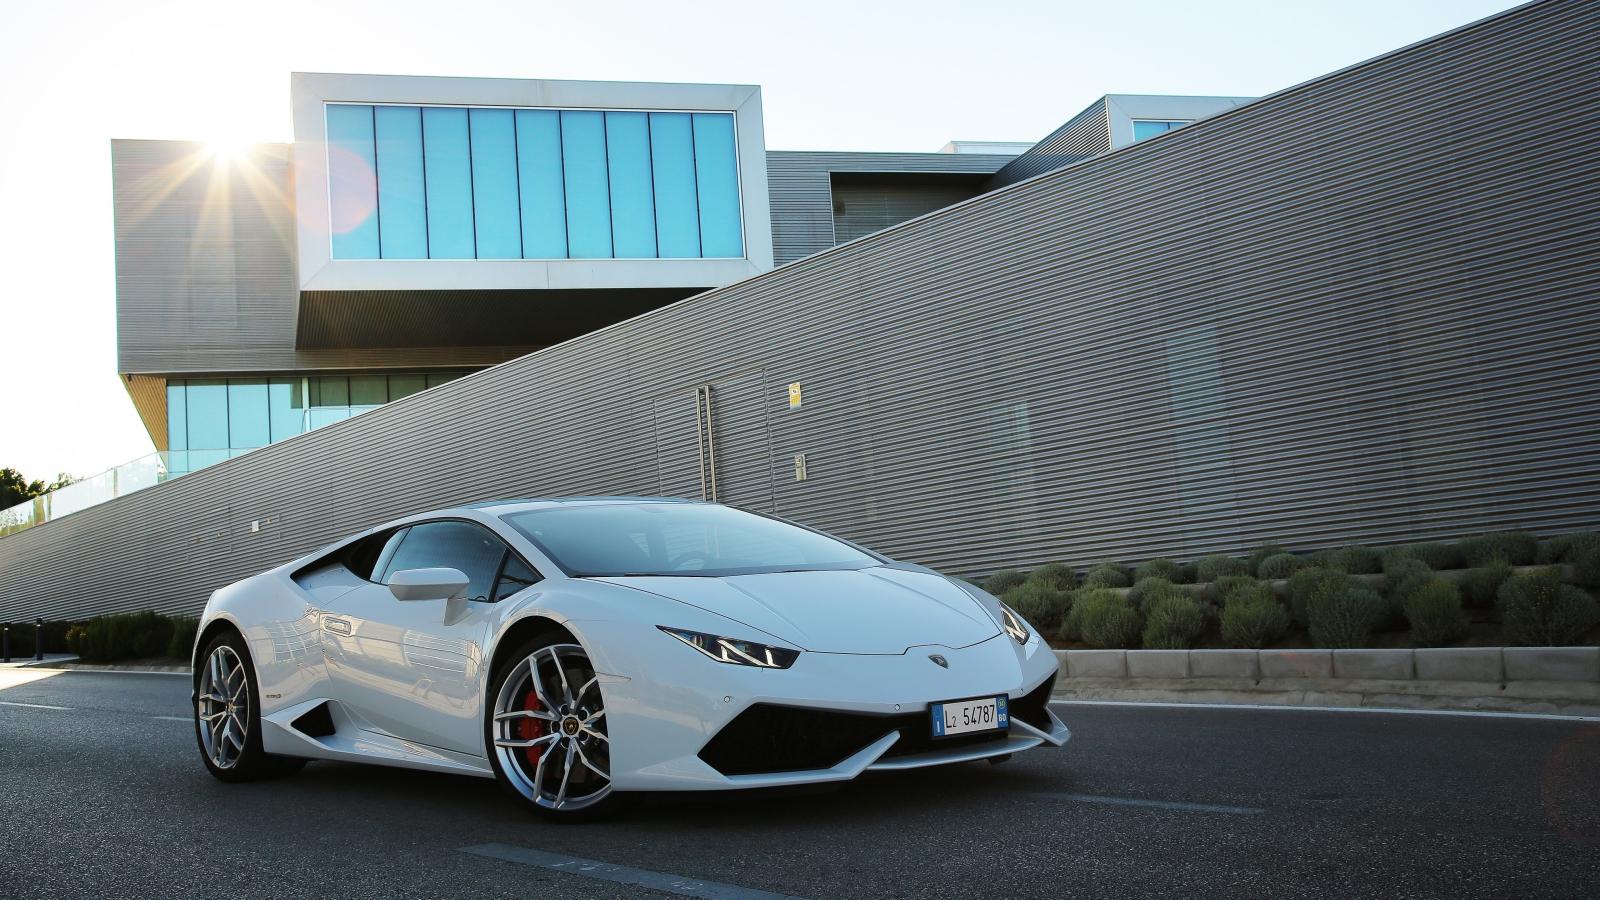 Le vetture Lamborghini incontrano la connettività Vodafone thumbnail